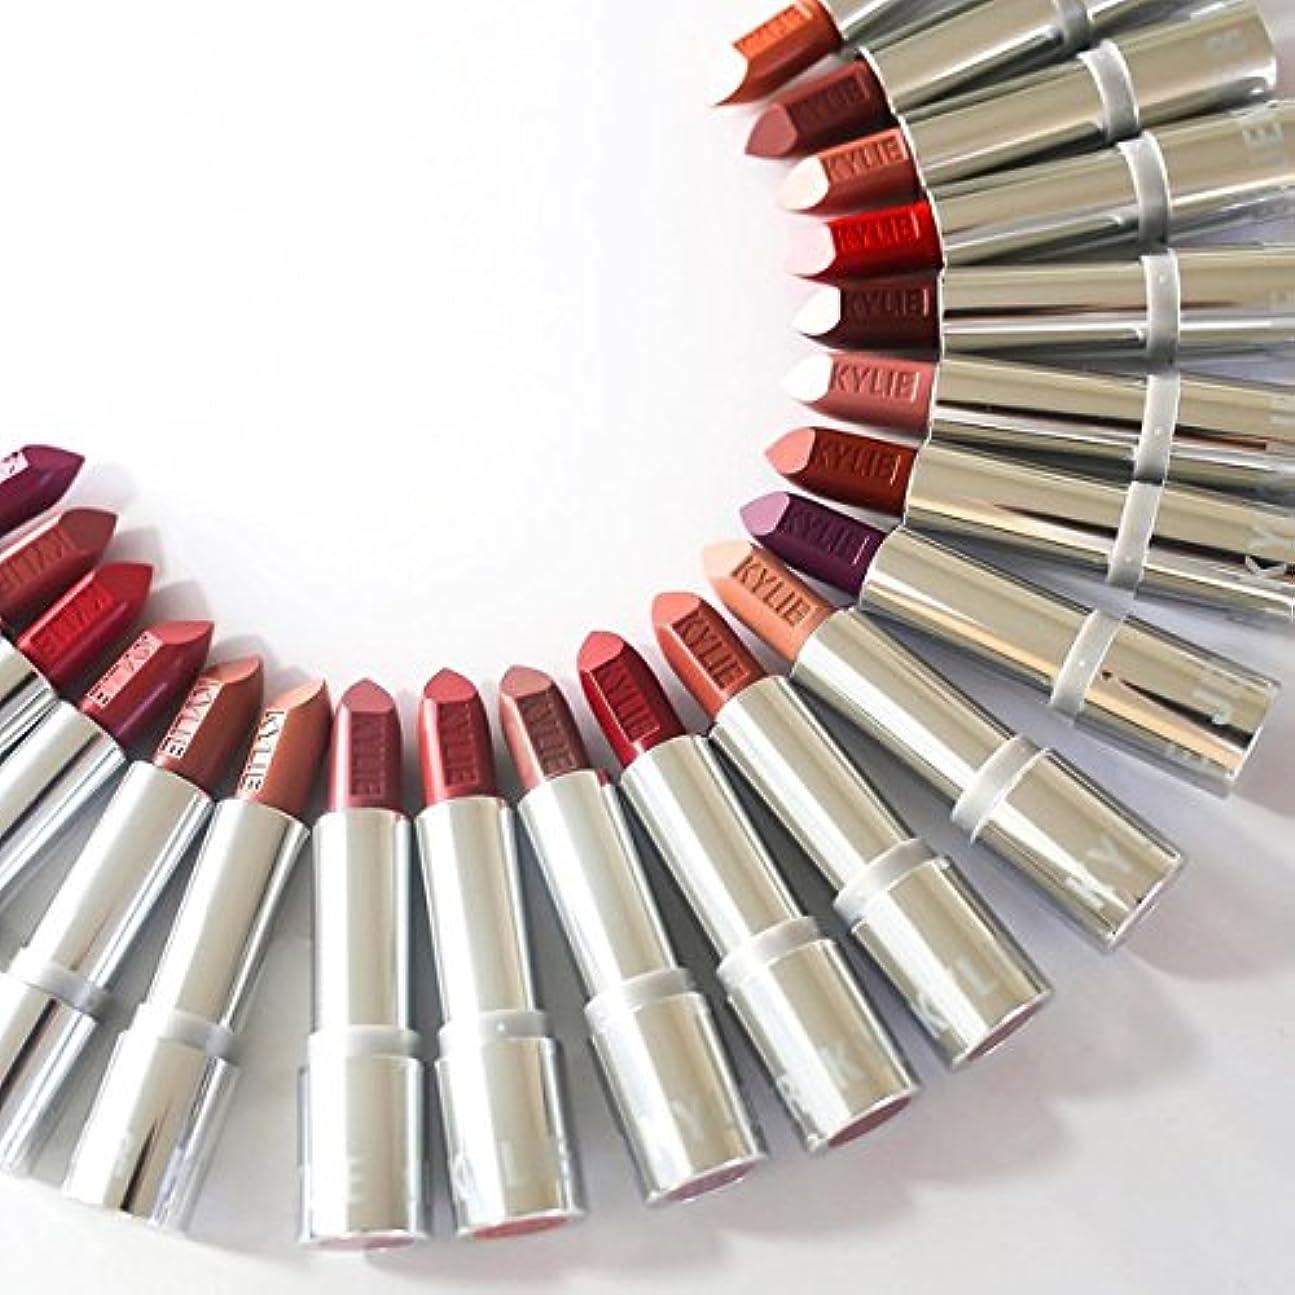 連結する有効化分布kyliecosmetics カイリーコスメ silverseries シルバーシリーズ NEW LIP 口紅 ヌーディ カイリーリップ CREAM BRULEE